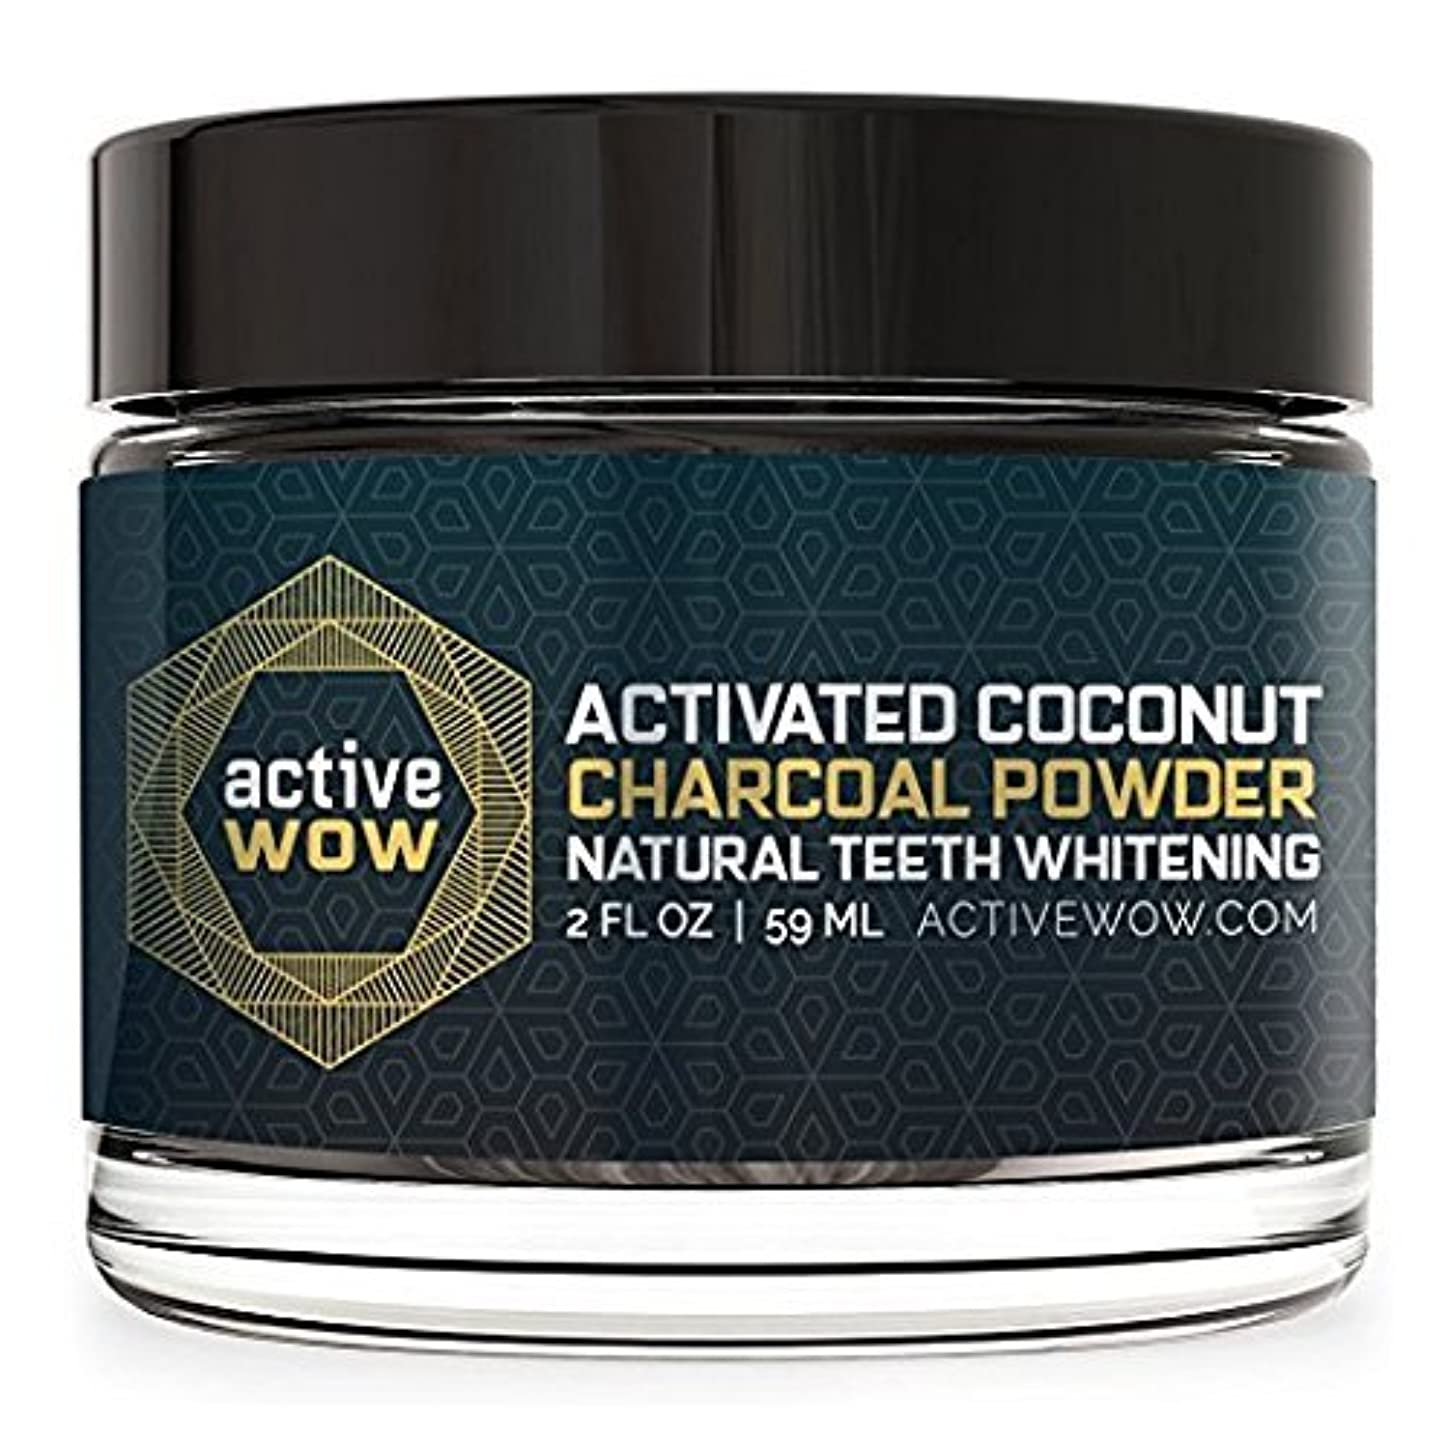 合計かるいうアメリカで売れている 炭パウダー歯のホワイトニング Teeth Whitening Charcoal Powder Natural [並行輸入品]